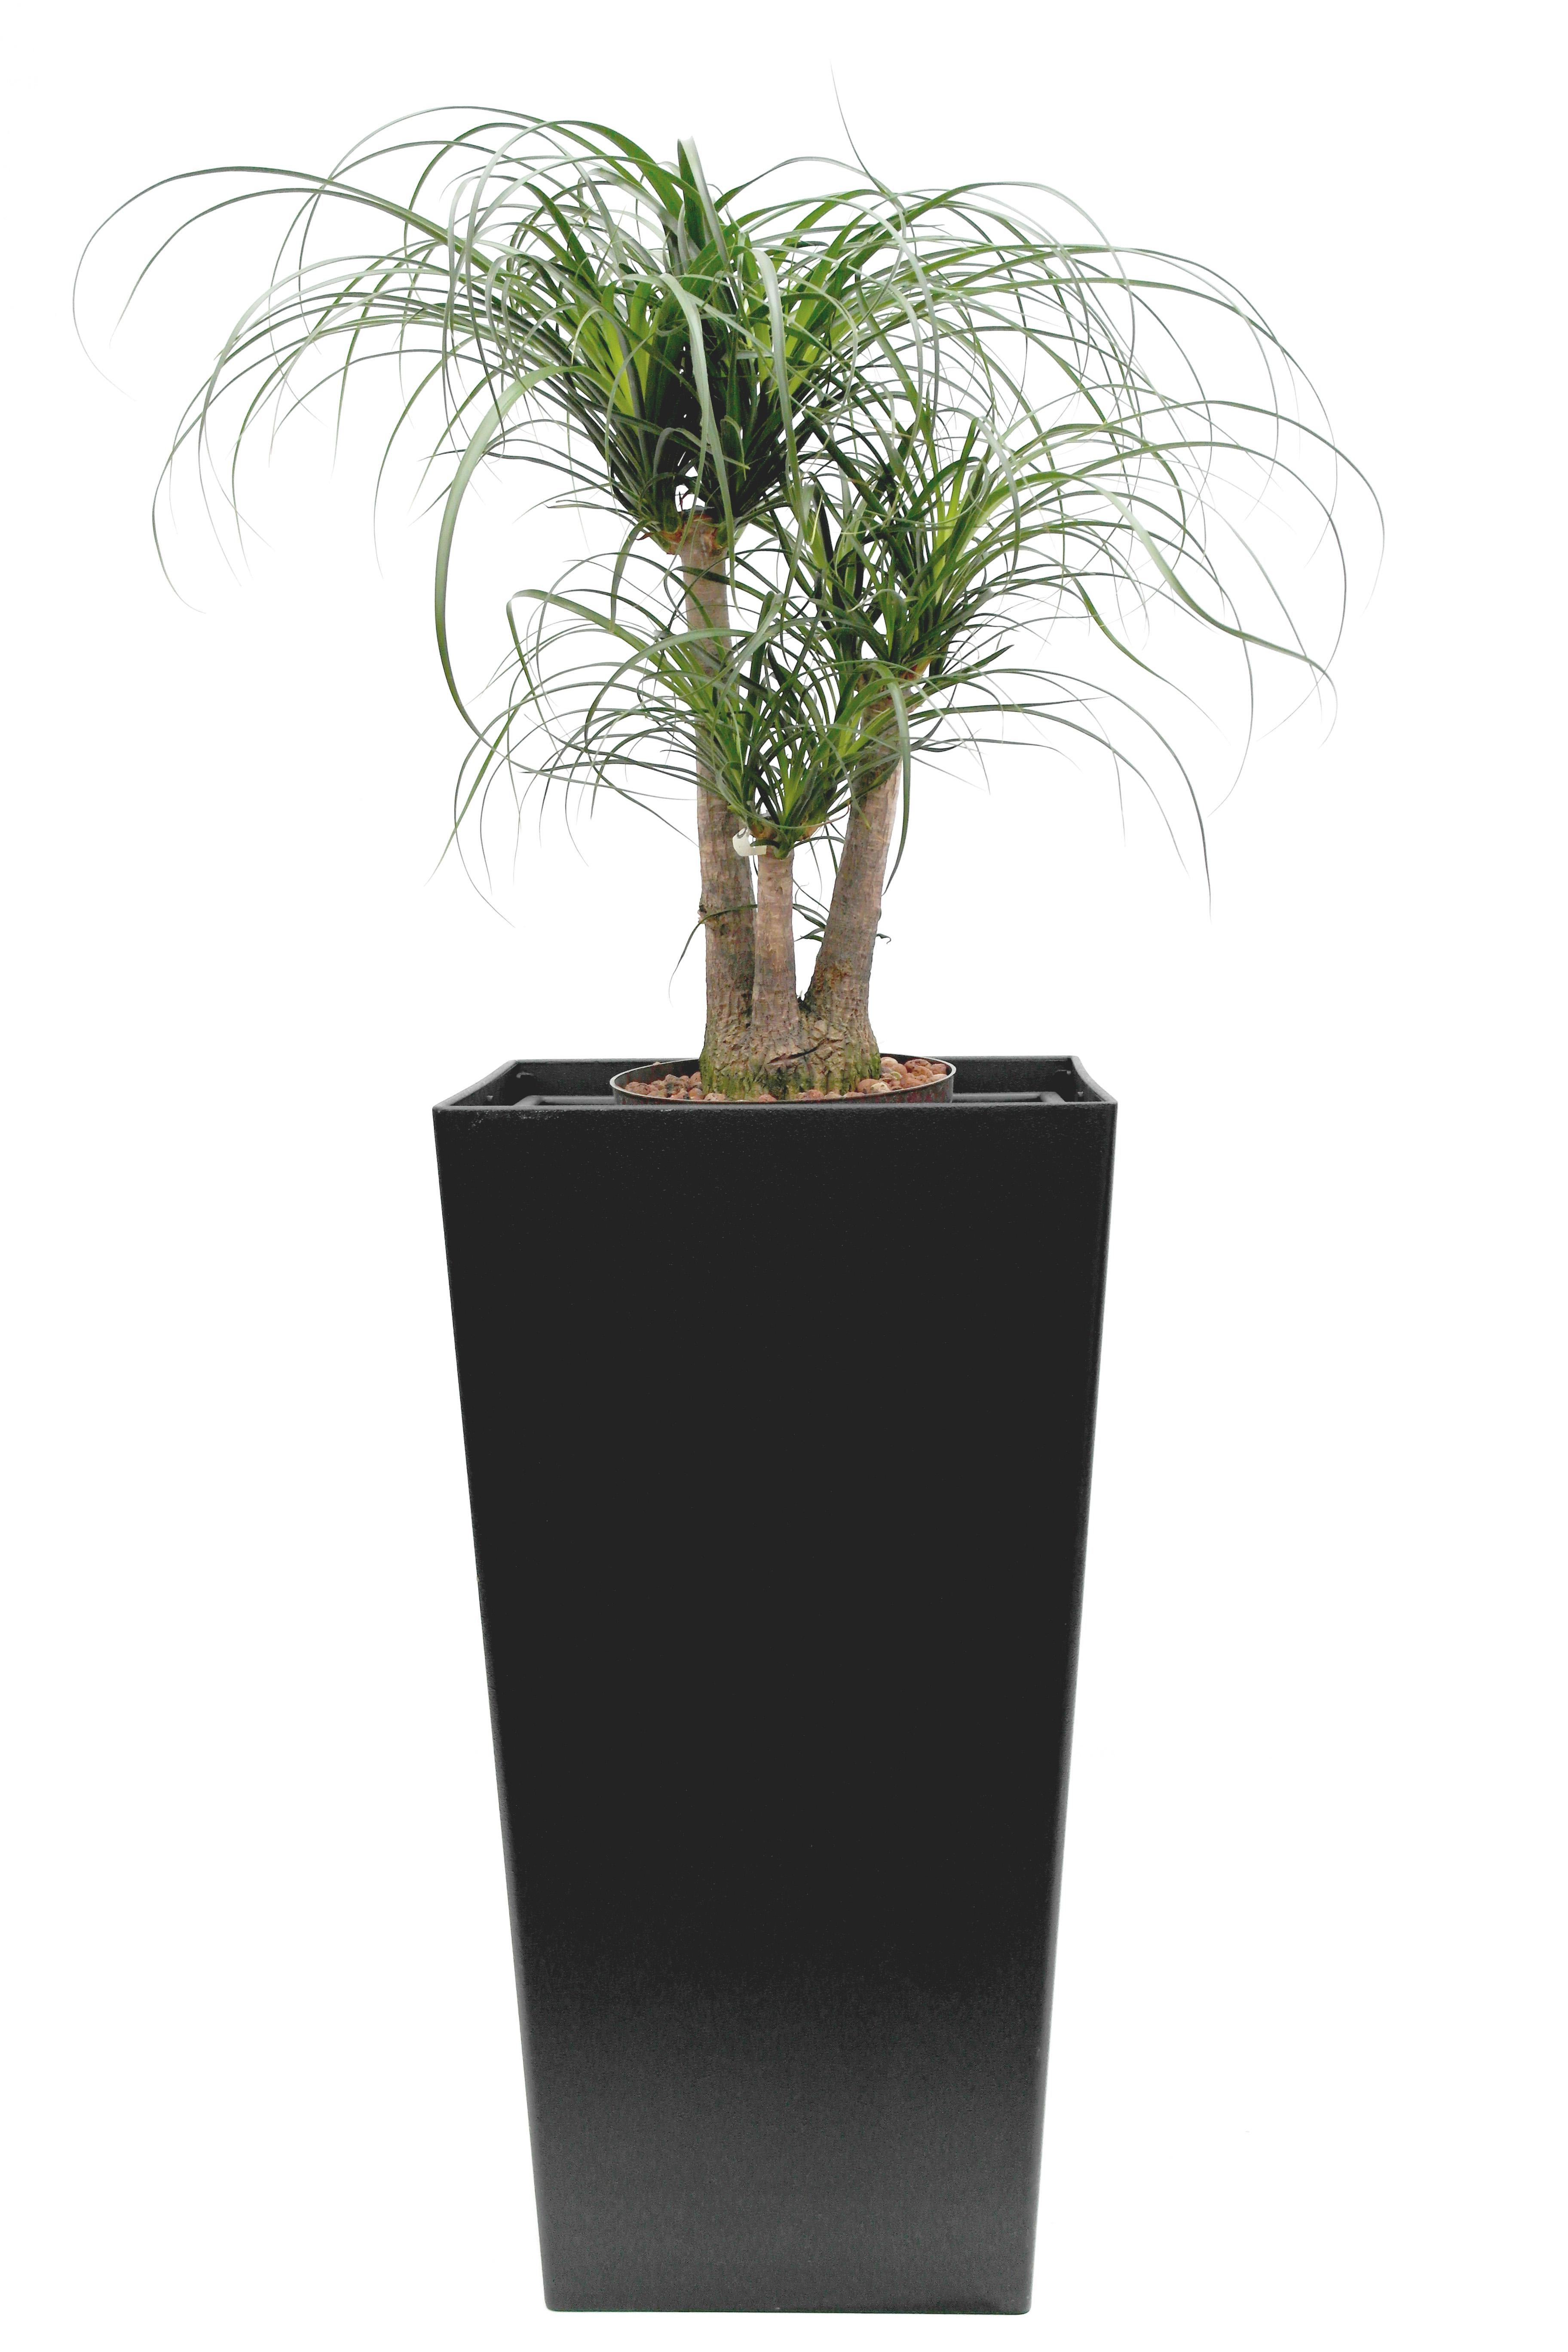 promo 40 gef e mit topf in topf f r hydrokulturpflanzen. Black Bedroom Furniture Sets. Home Design Ideas